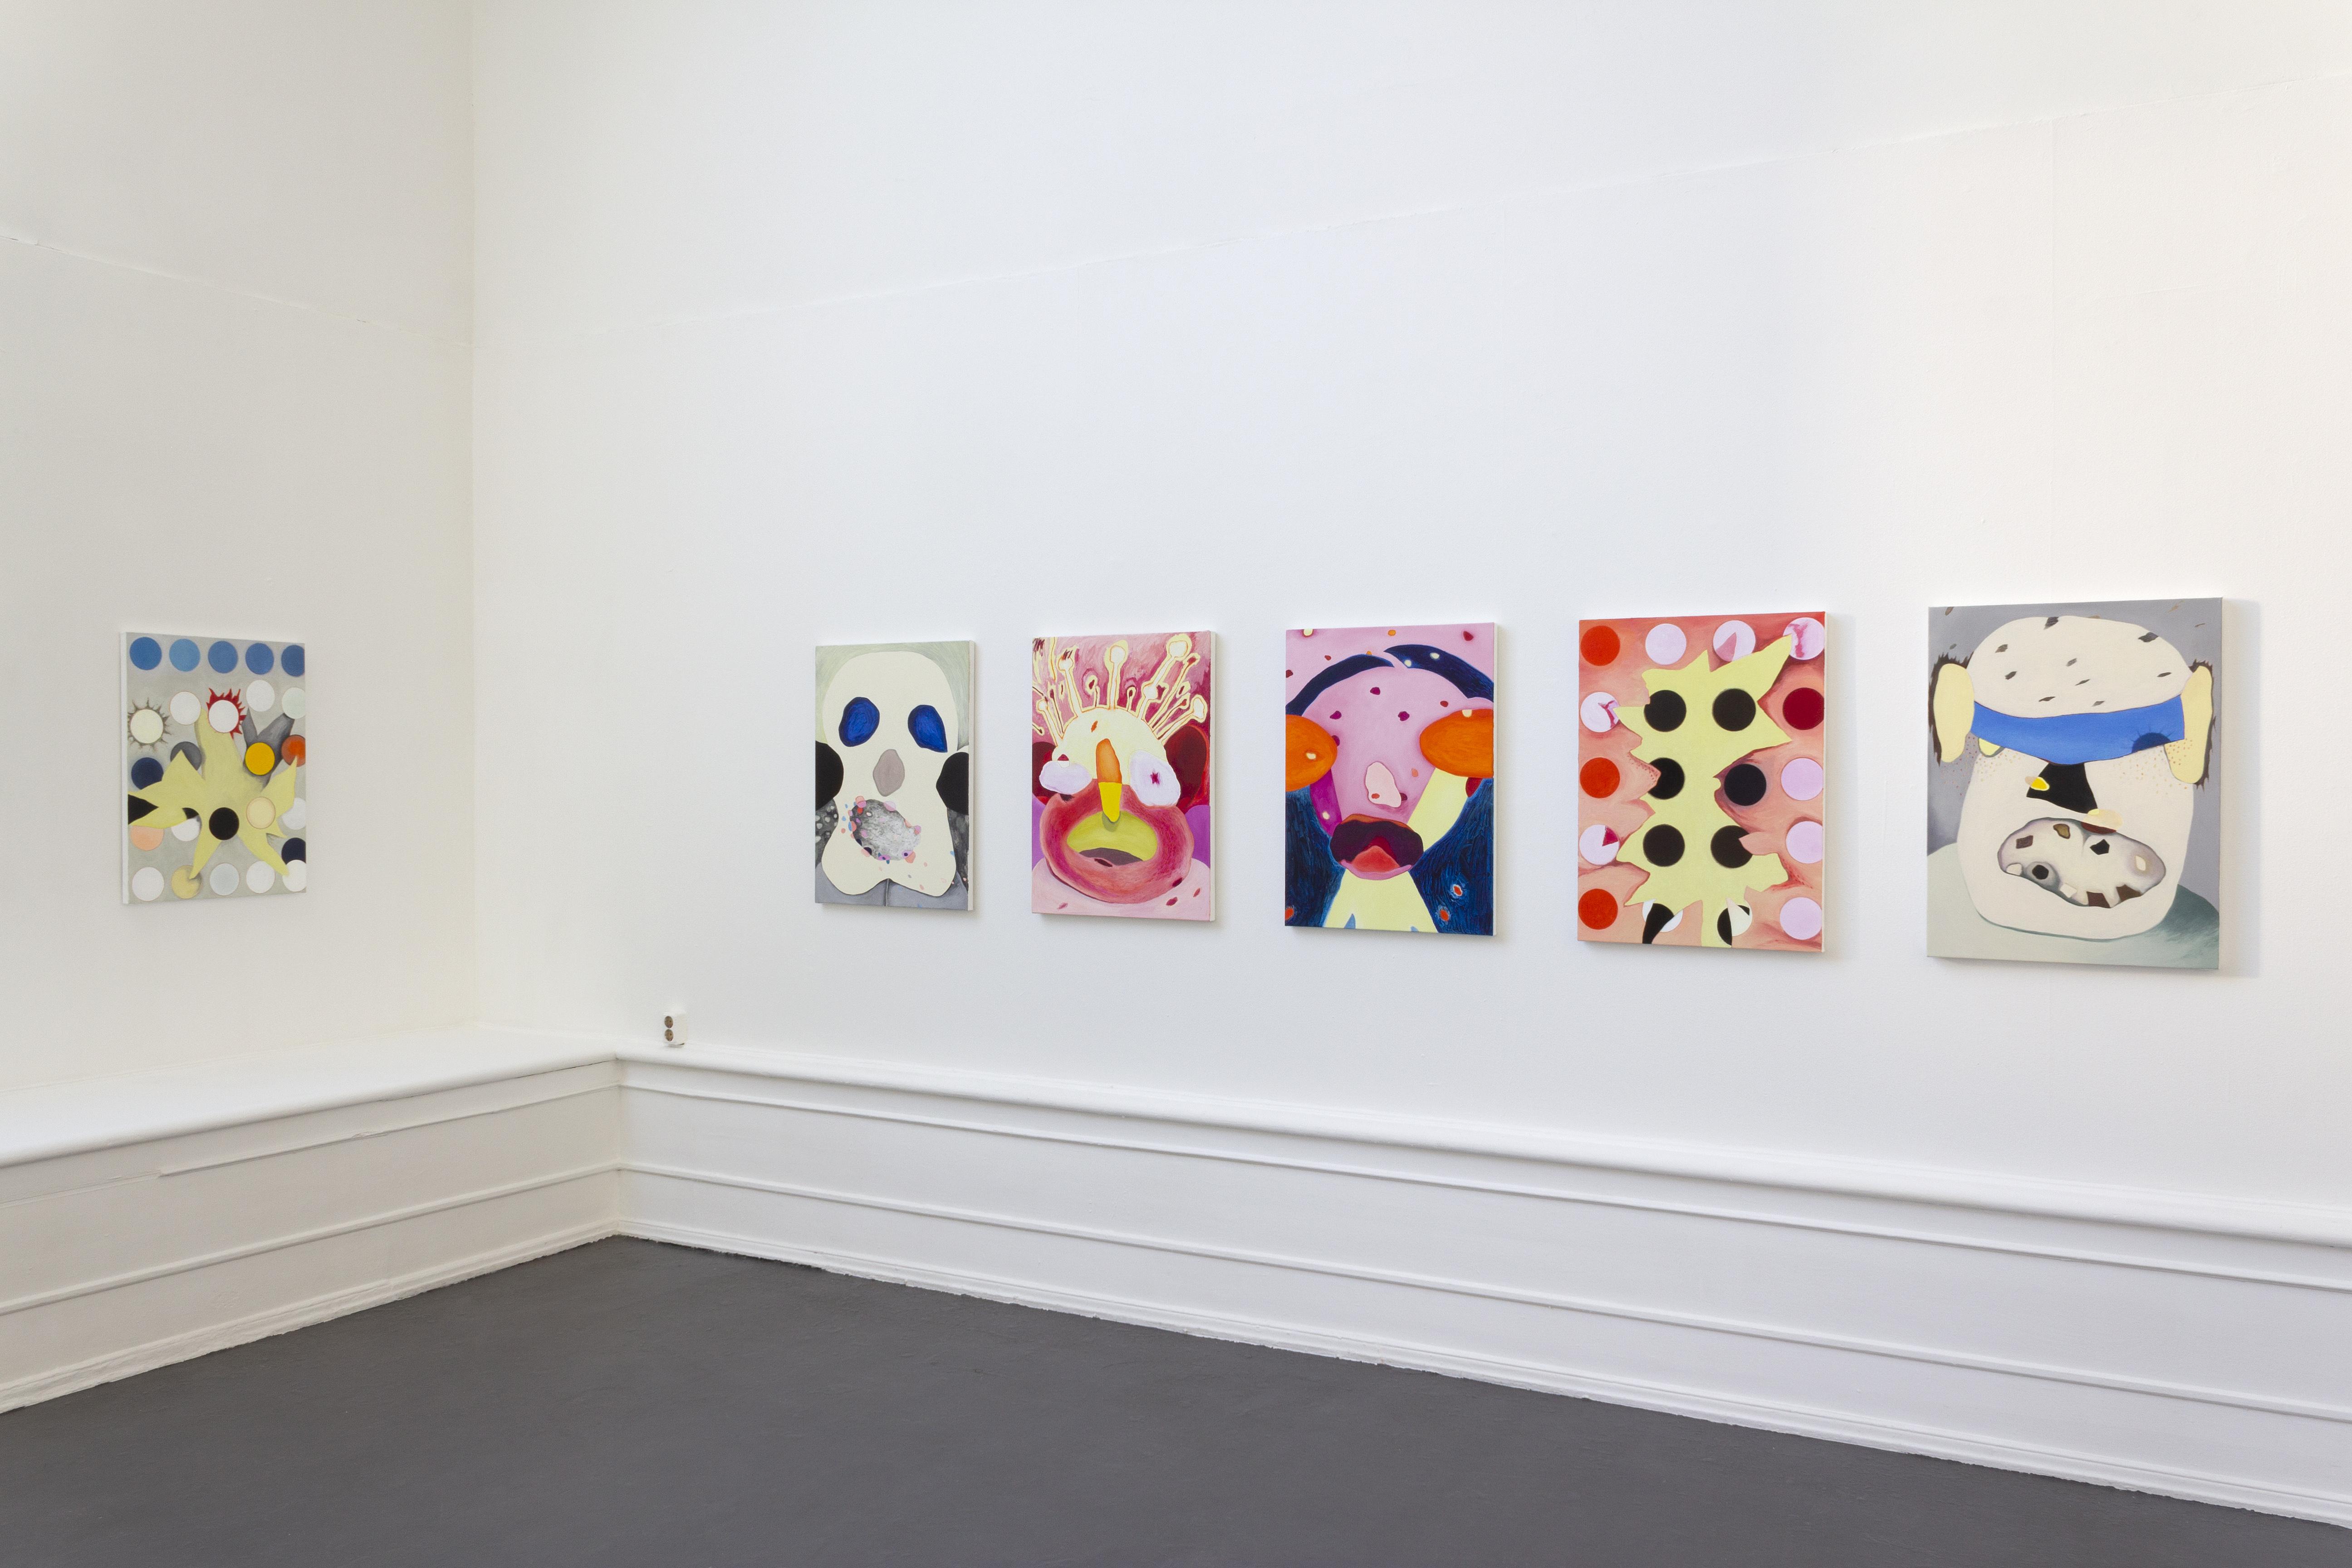 """Jan Svenungsson, """"Monstrosities"""", 2020, installation view, Galleri Flach"""